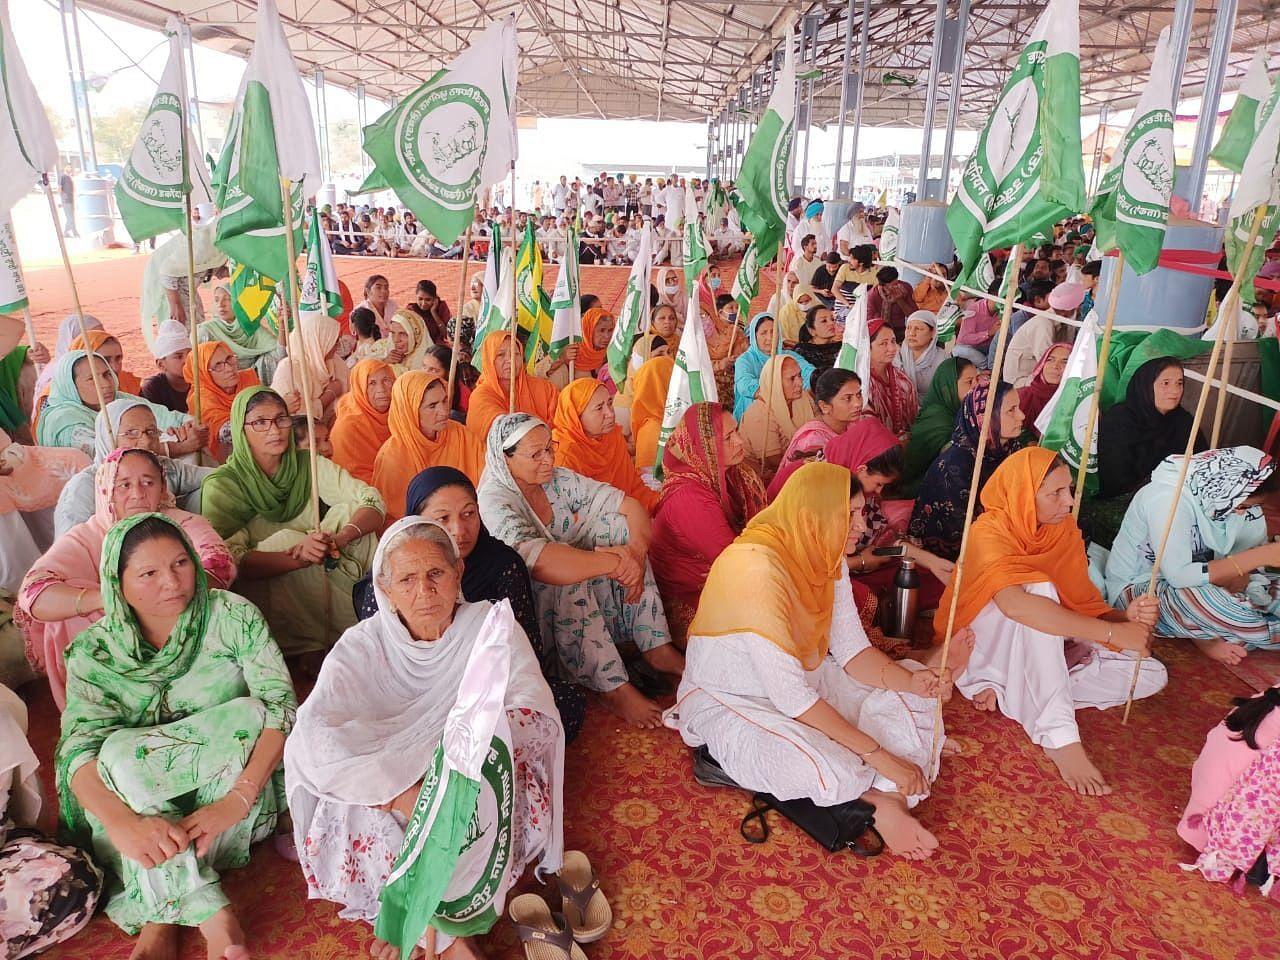 अबोहर में महापंचायत पहुंचीं किसान महिलाएं।